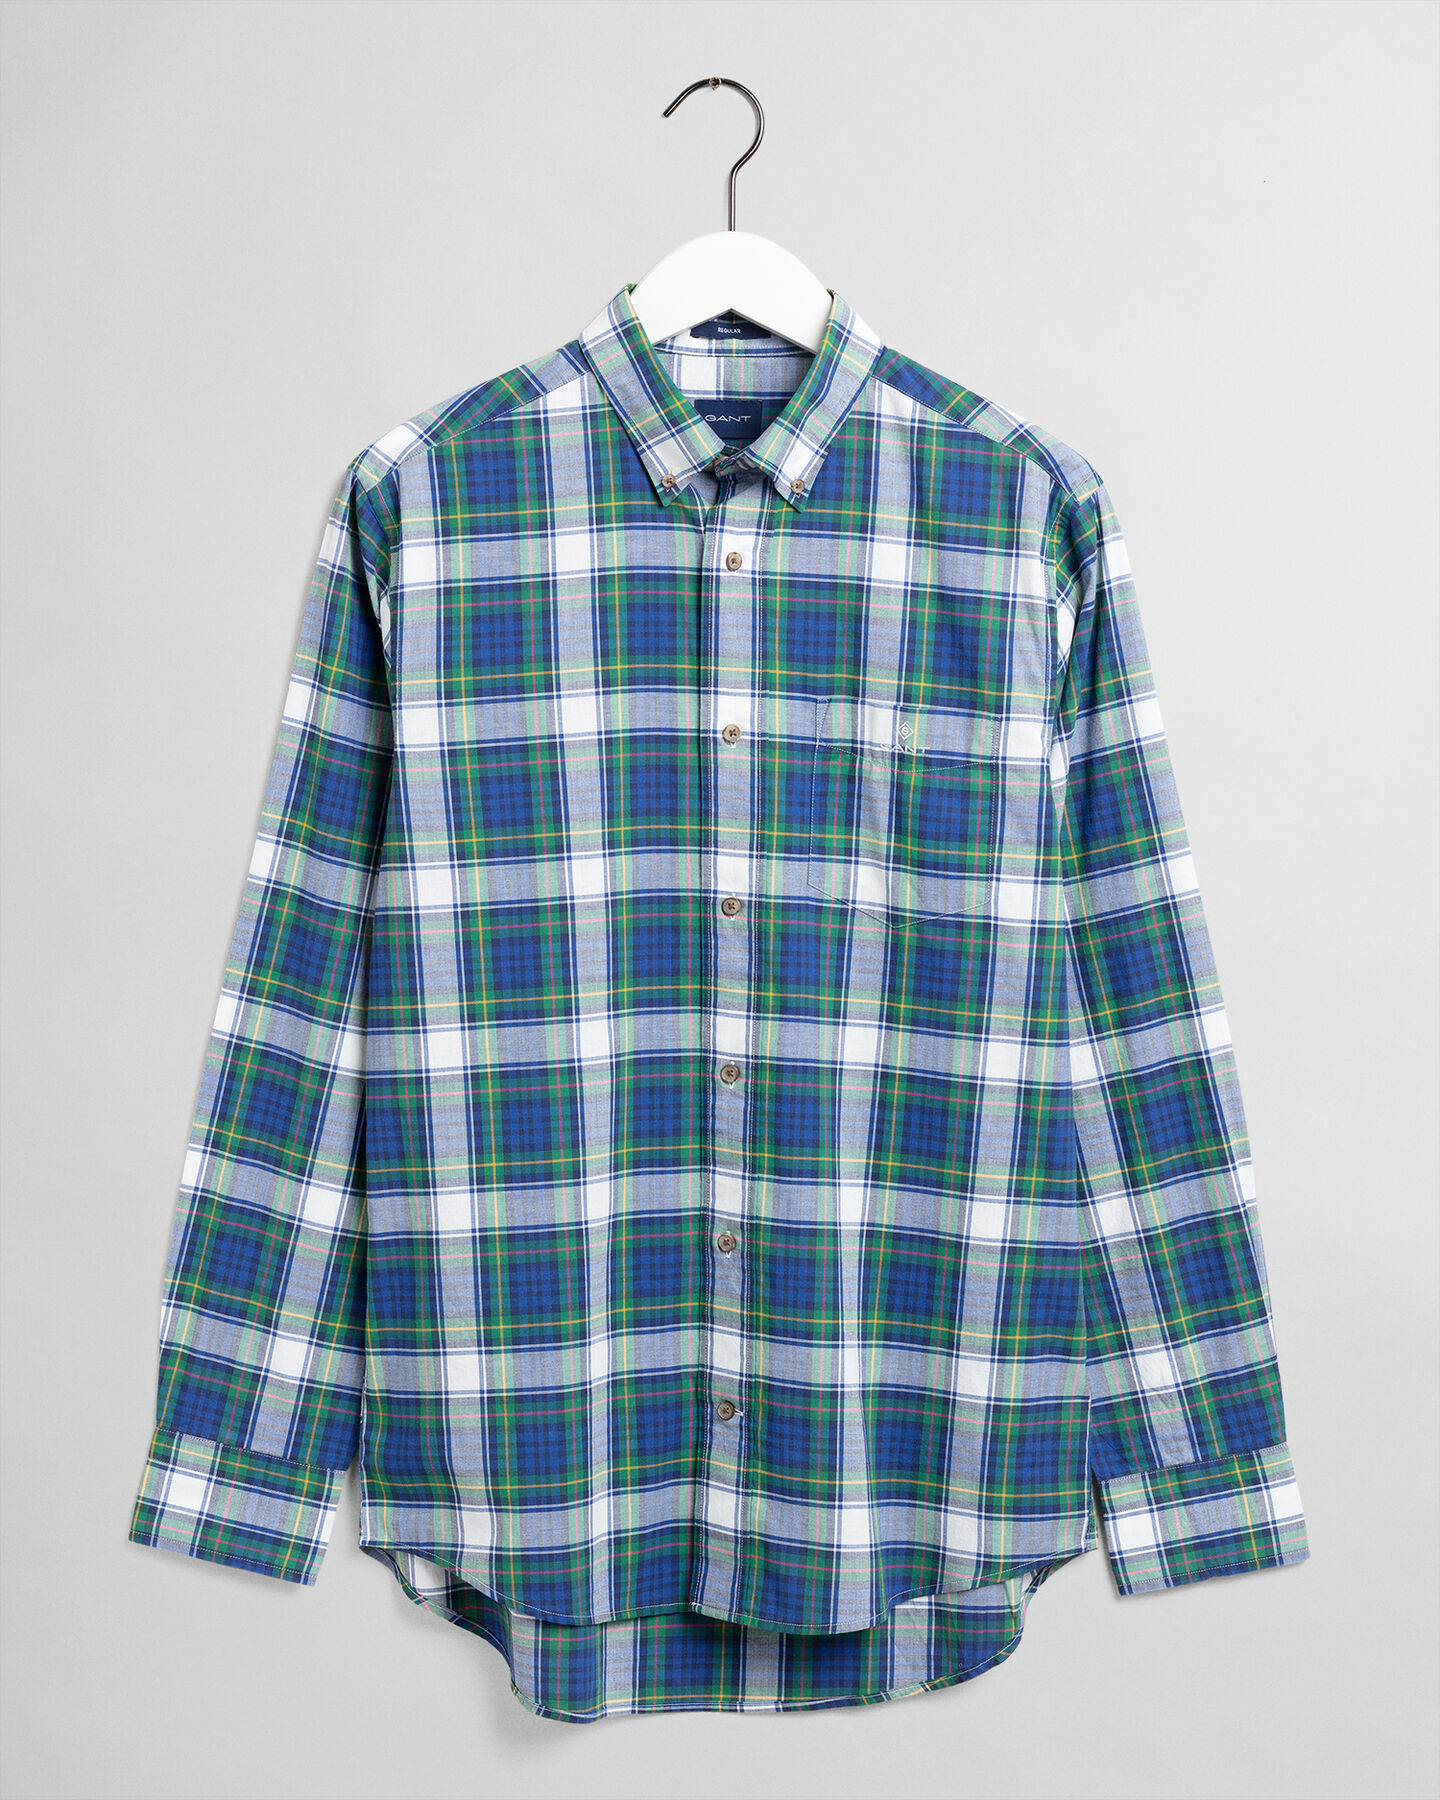 Regular fit rutig tvättad poplinskjorta